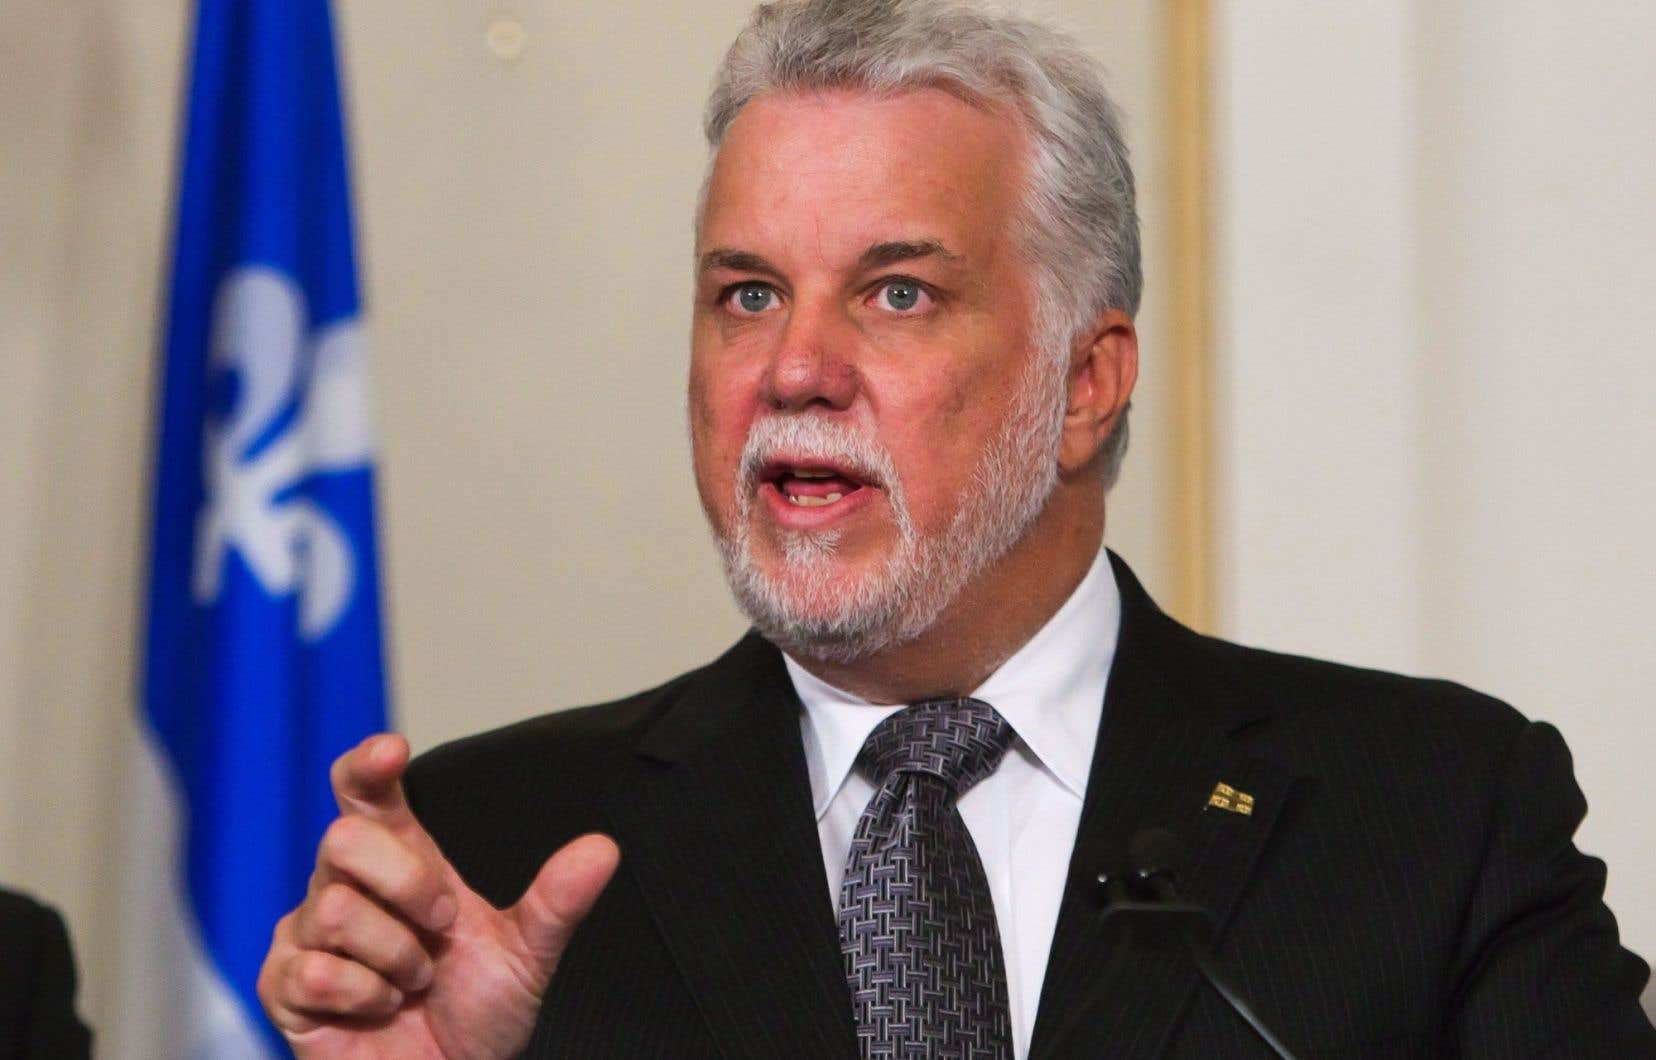 Le premier ministre Philippe Couillard affirme vouloir entendre les deux points de vue (celui des employés et des employeurs) avant de prendre une décision.